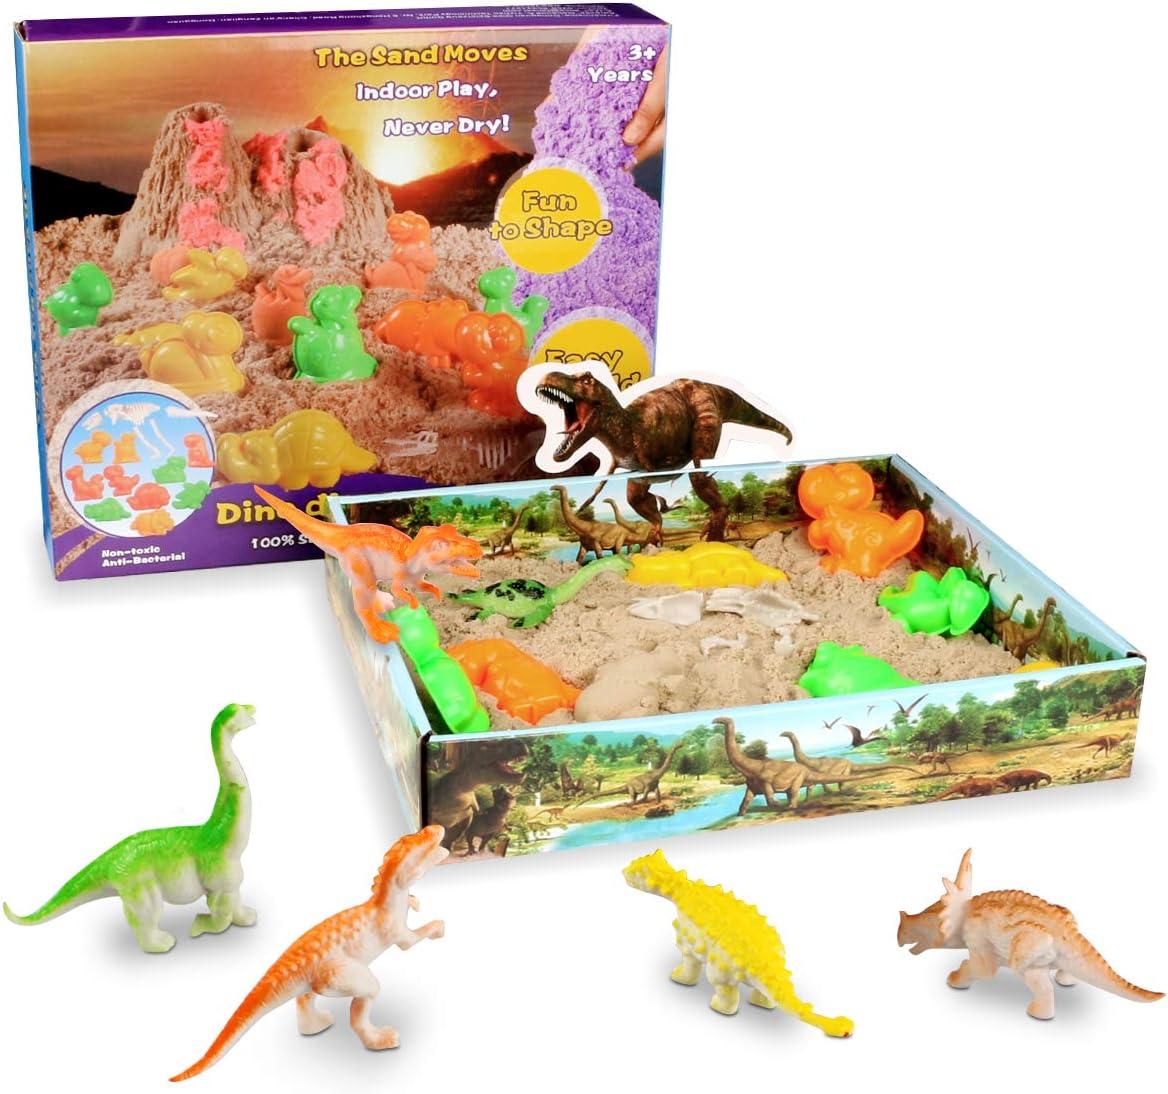 Weeygo Arena Mágica - Magic Sand Dinosaurio Cinética Animal Moldes Juego - Manualidades con 500g Arena Play Sand, Art Playset Regalo para Niños